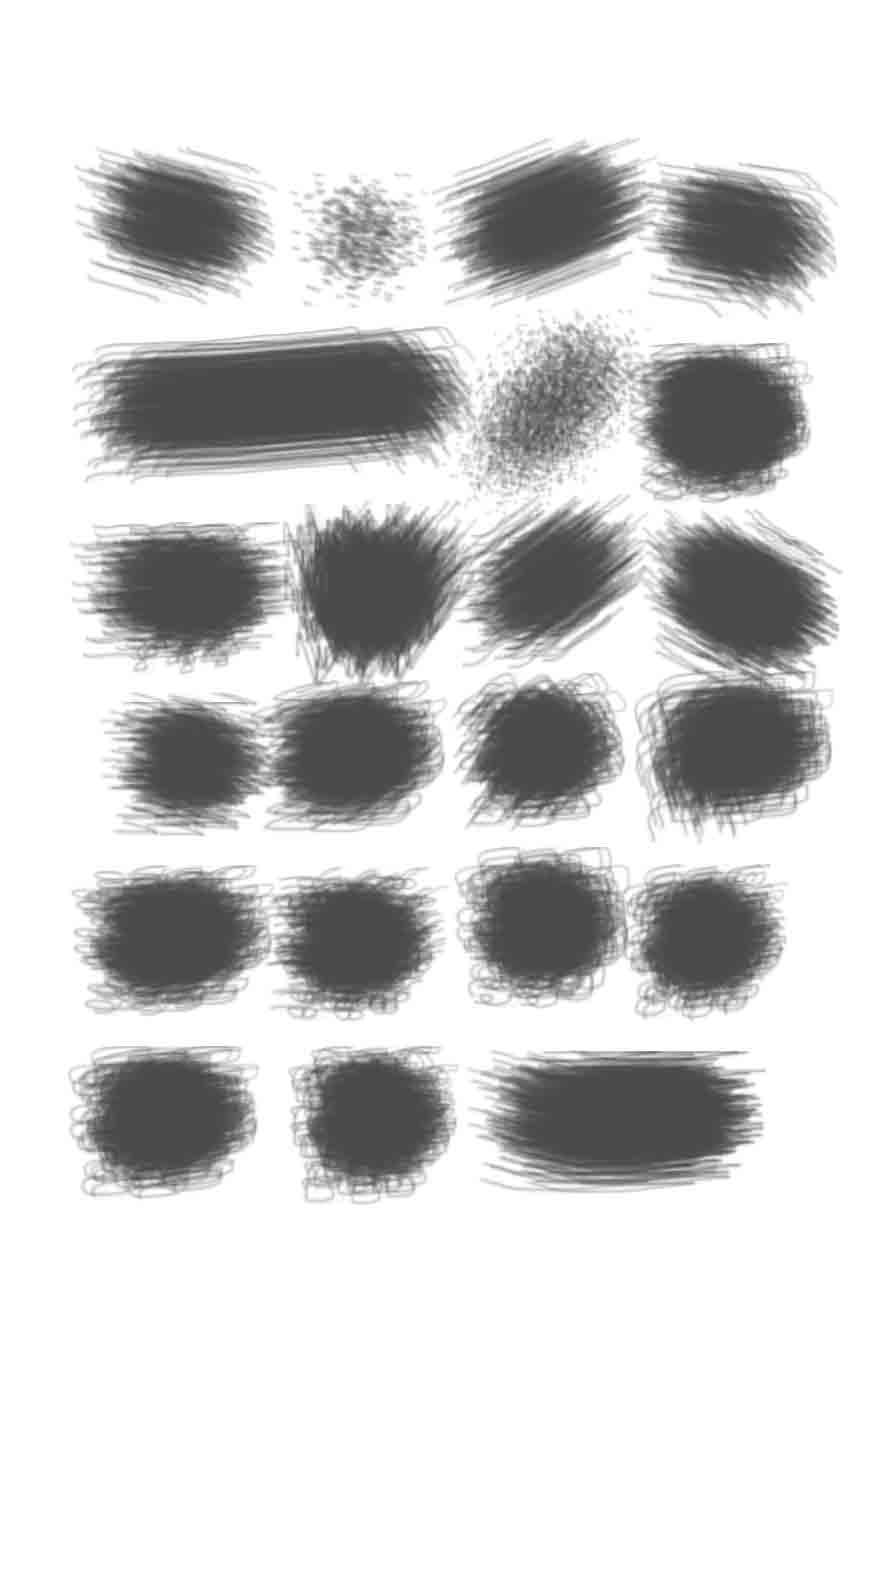 Rak Garis Hitam Putih Wallpaper Sc Iphone6s